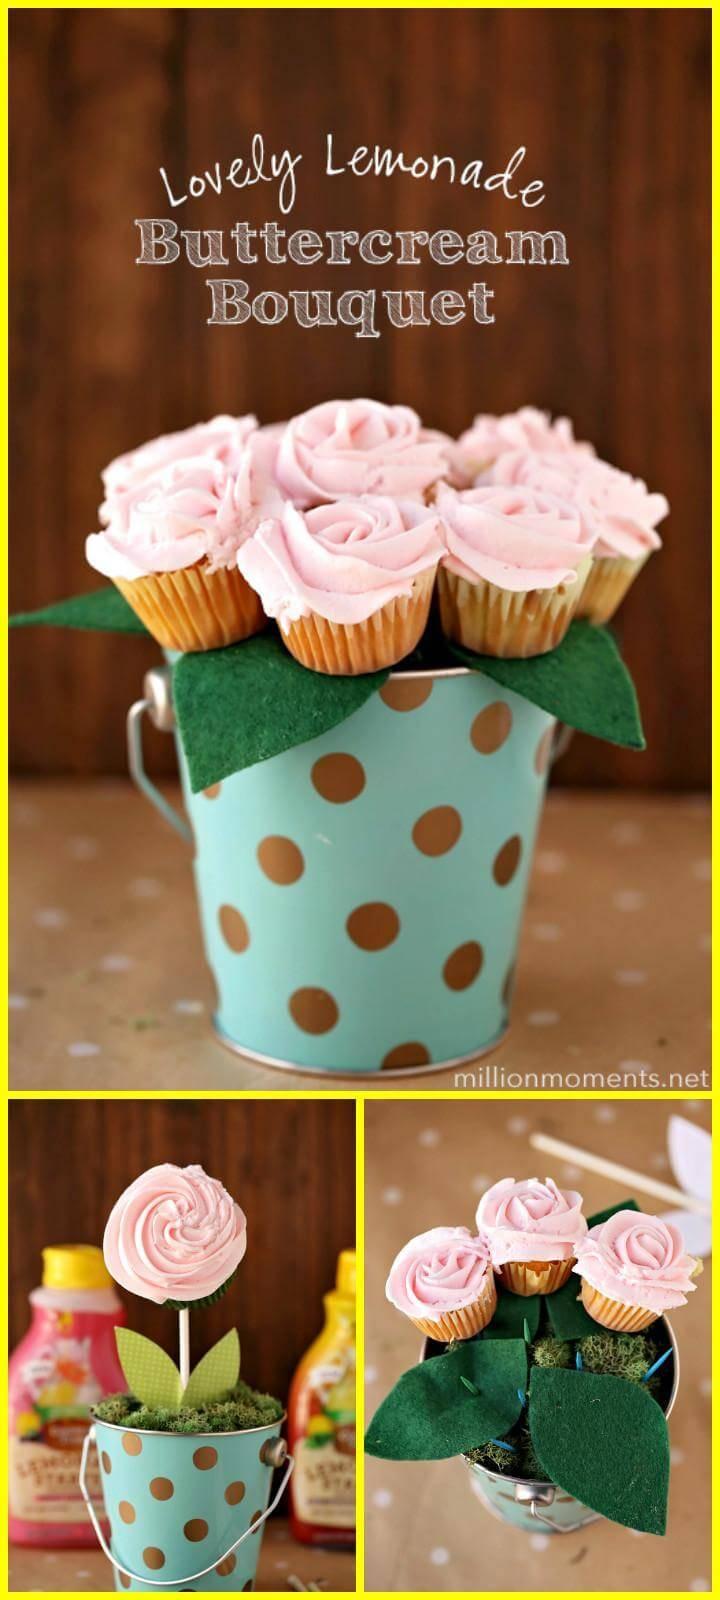 easy handmade lemonade buttercream bouquet